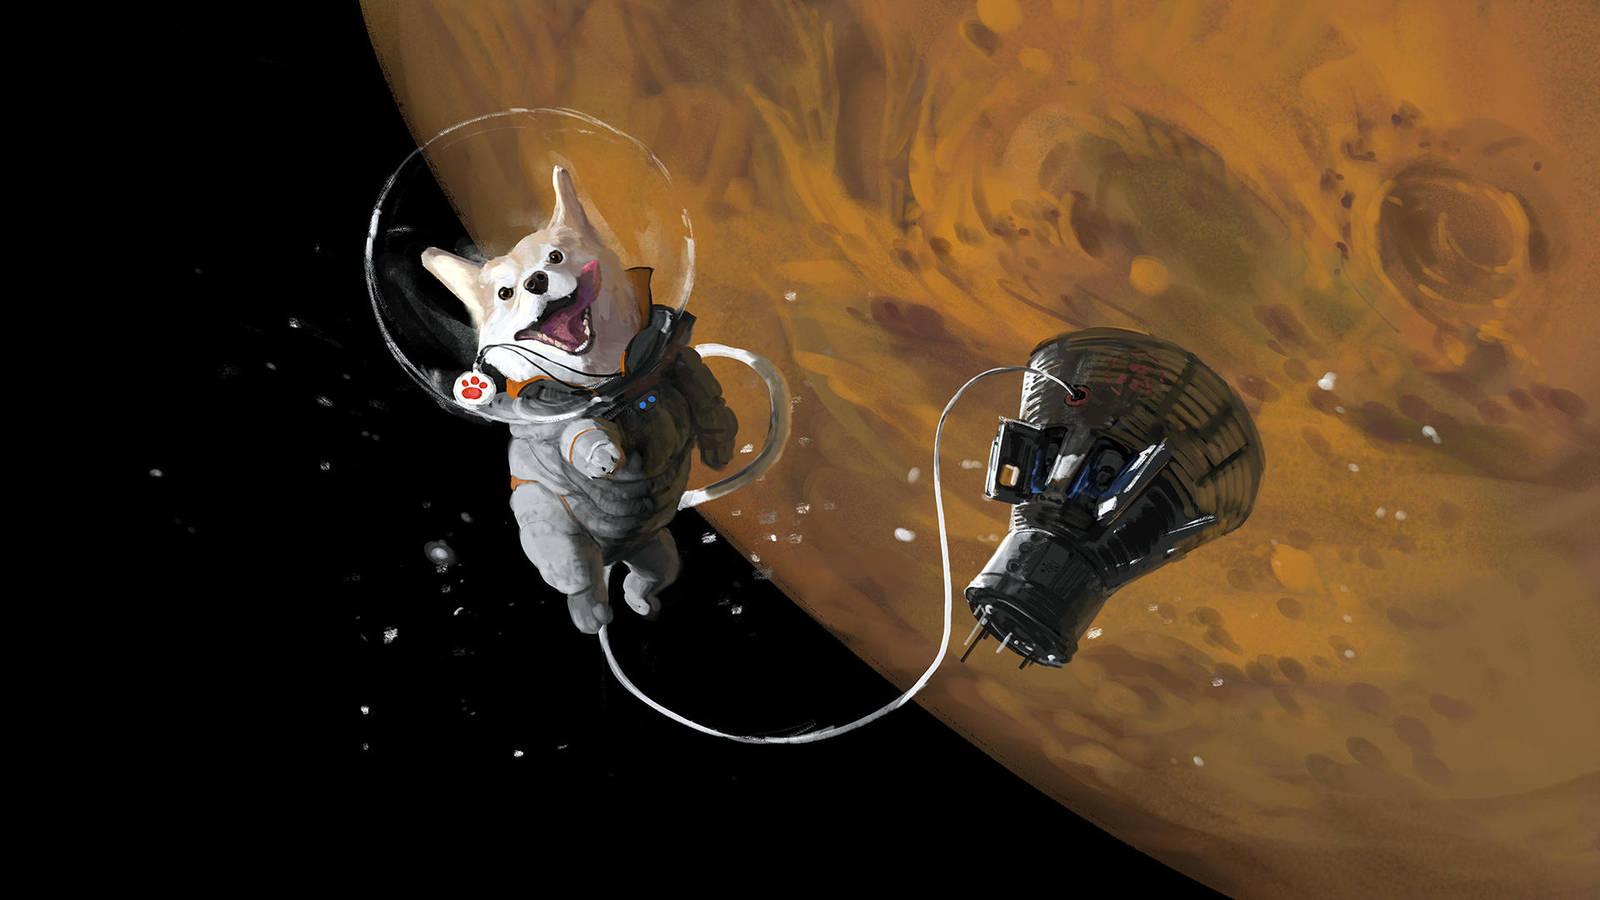 певица картинки животных в космосе была любовь